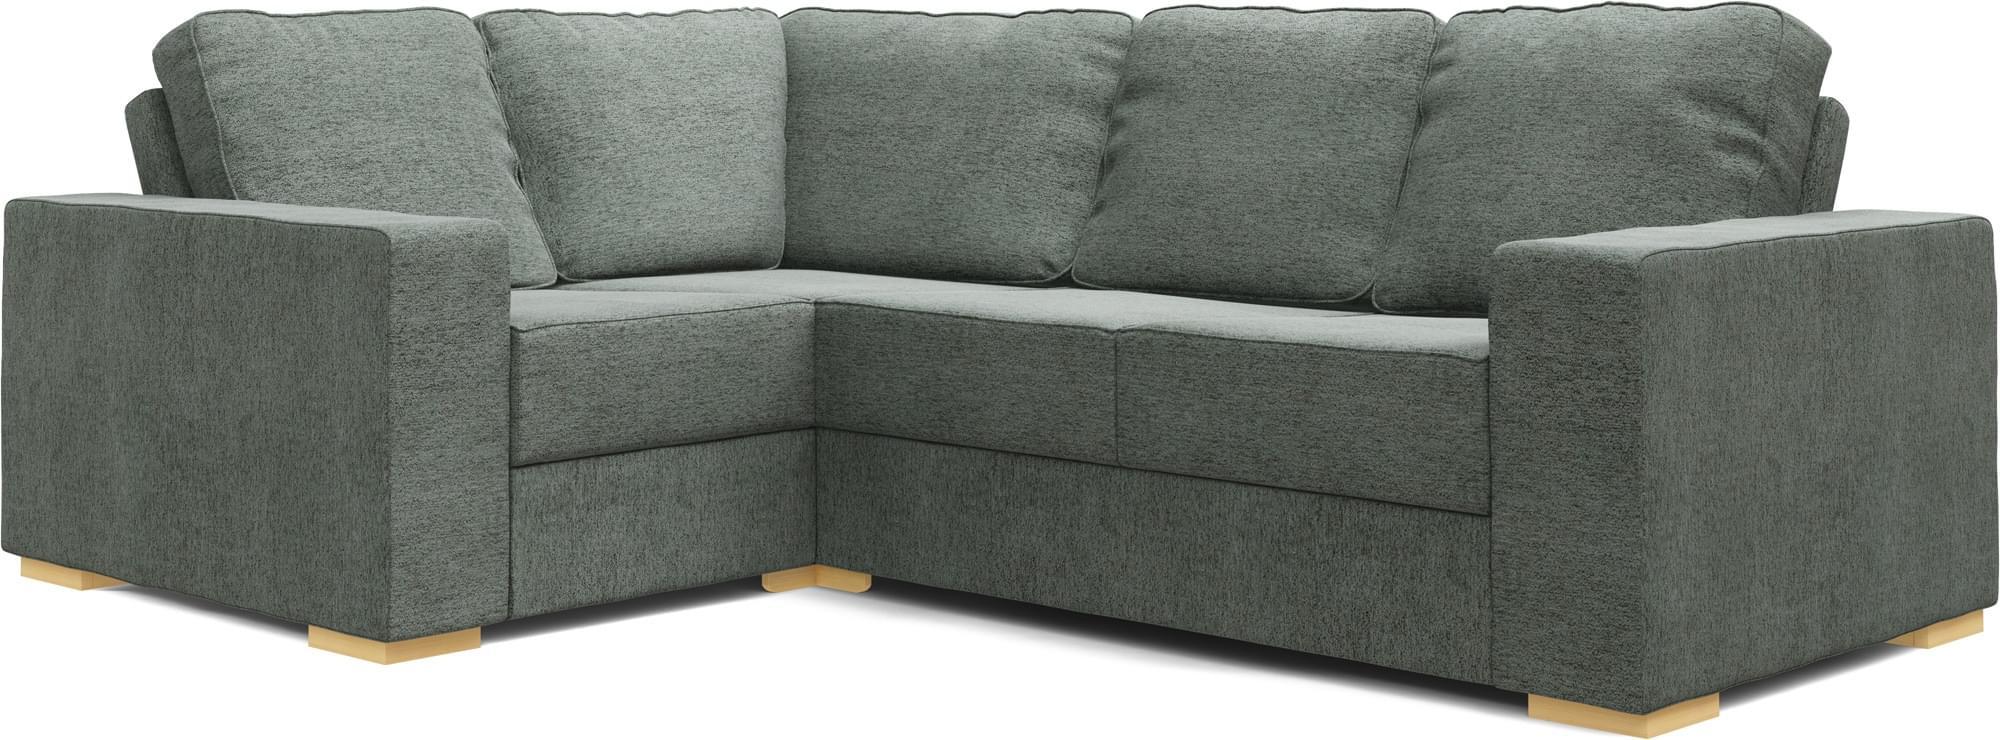 Ato 3X2 Corner Sofa Bed   Corner Sofabed   Nabru